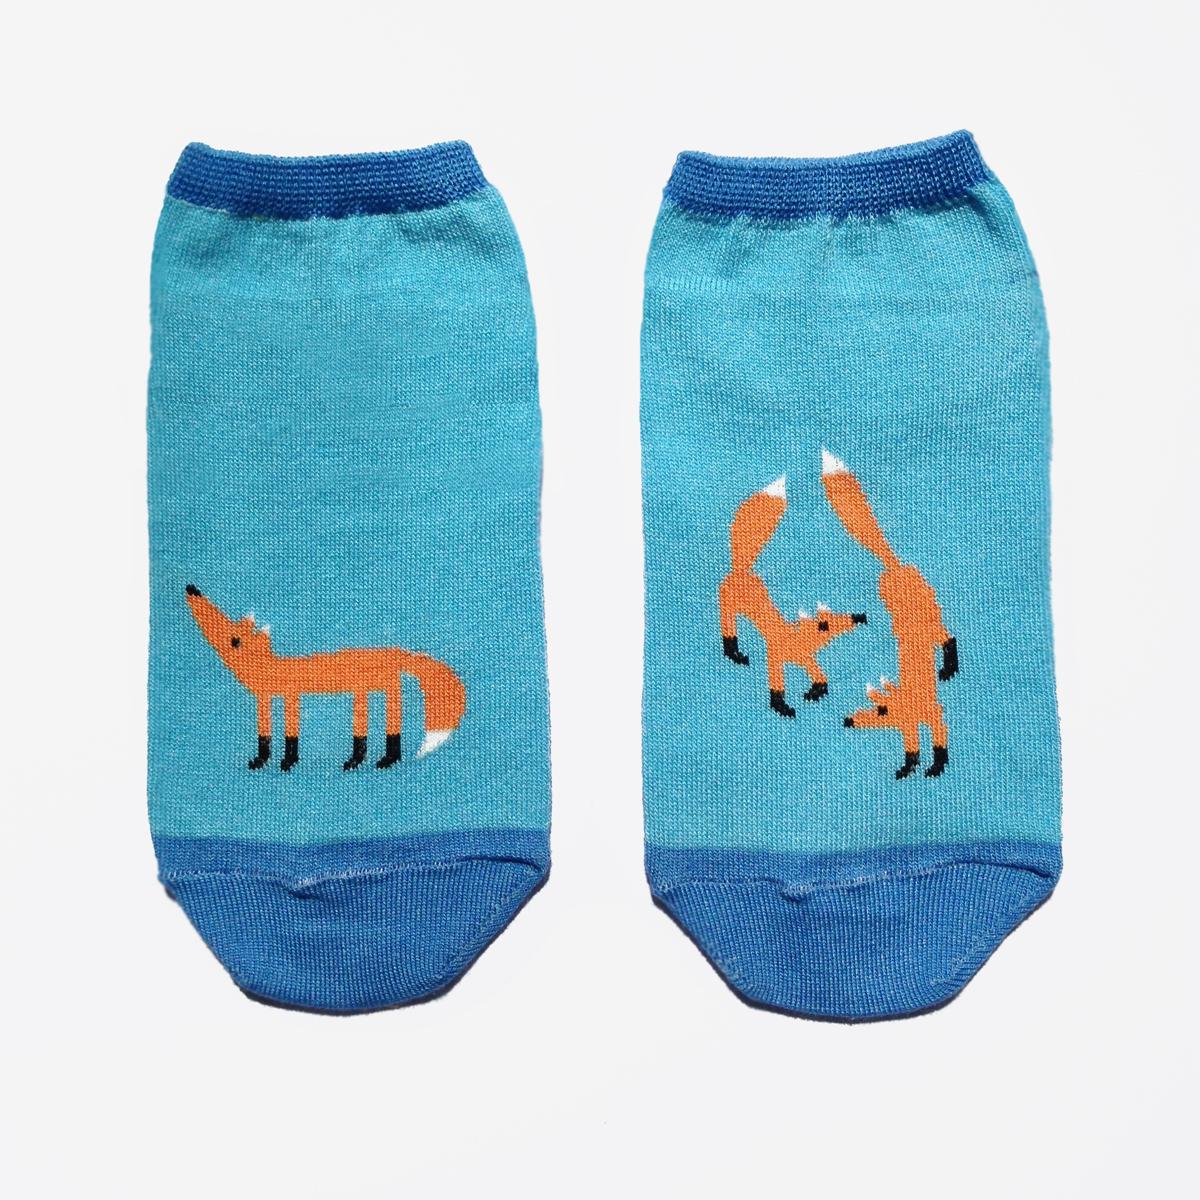 Носки мужские Big Bang Socks, цвет: голубой, оранжевый. ca1132. Размер 40/44ca1132Укороченные мужские носки Big Bang Socks изготовлены из высококачественного хлопка с добавлением полиамидных и эластановых волокон, которые обеспечивают великолепную посадку. Носки отличаются ярким стильным дизайном, они оформлены изображением лисичек. Удобная резинка идеально облегает ногу и не пережимает сосуды, а усиленные пятка и мысок повышают износоустойчивость носка. Дизайнерские носки Big Bang Socks - яркая деталь в вашем образе и оригинальный подарок для друзей и близких.